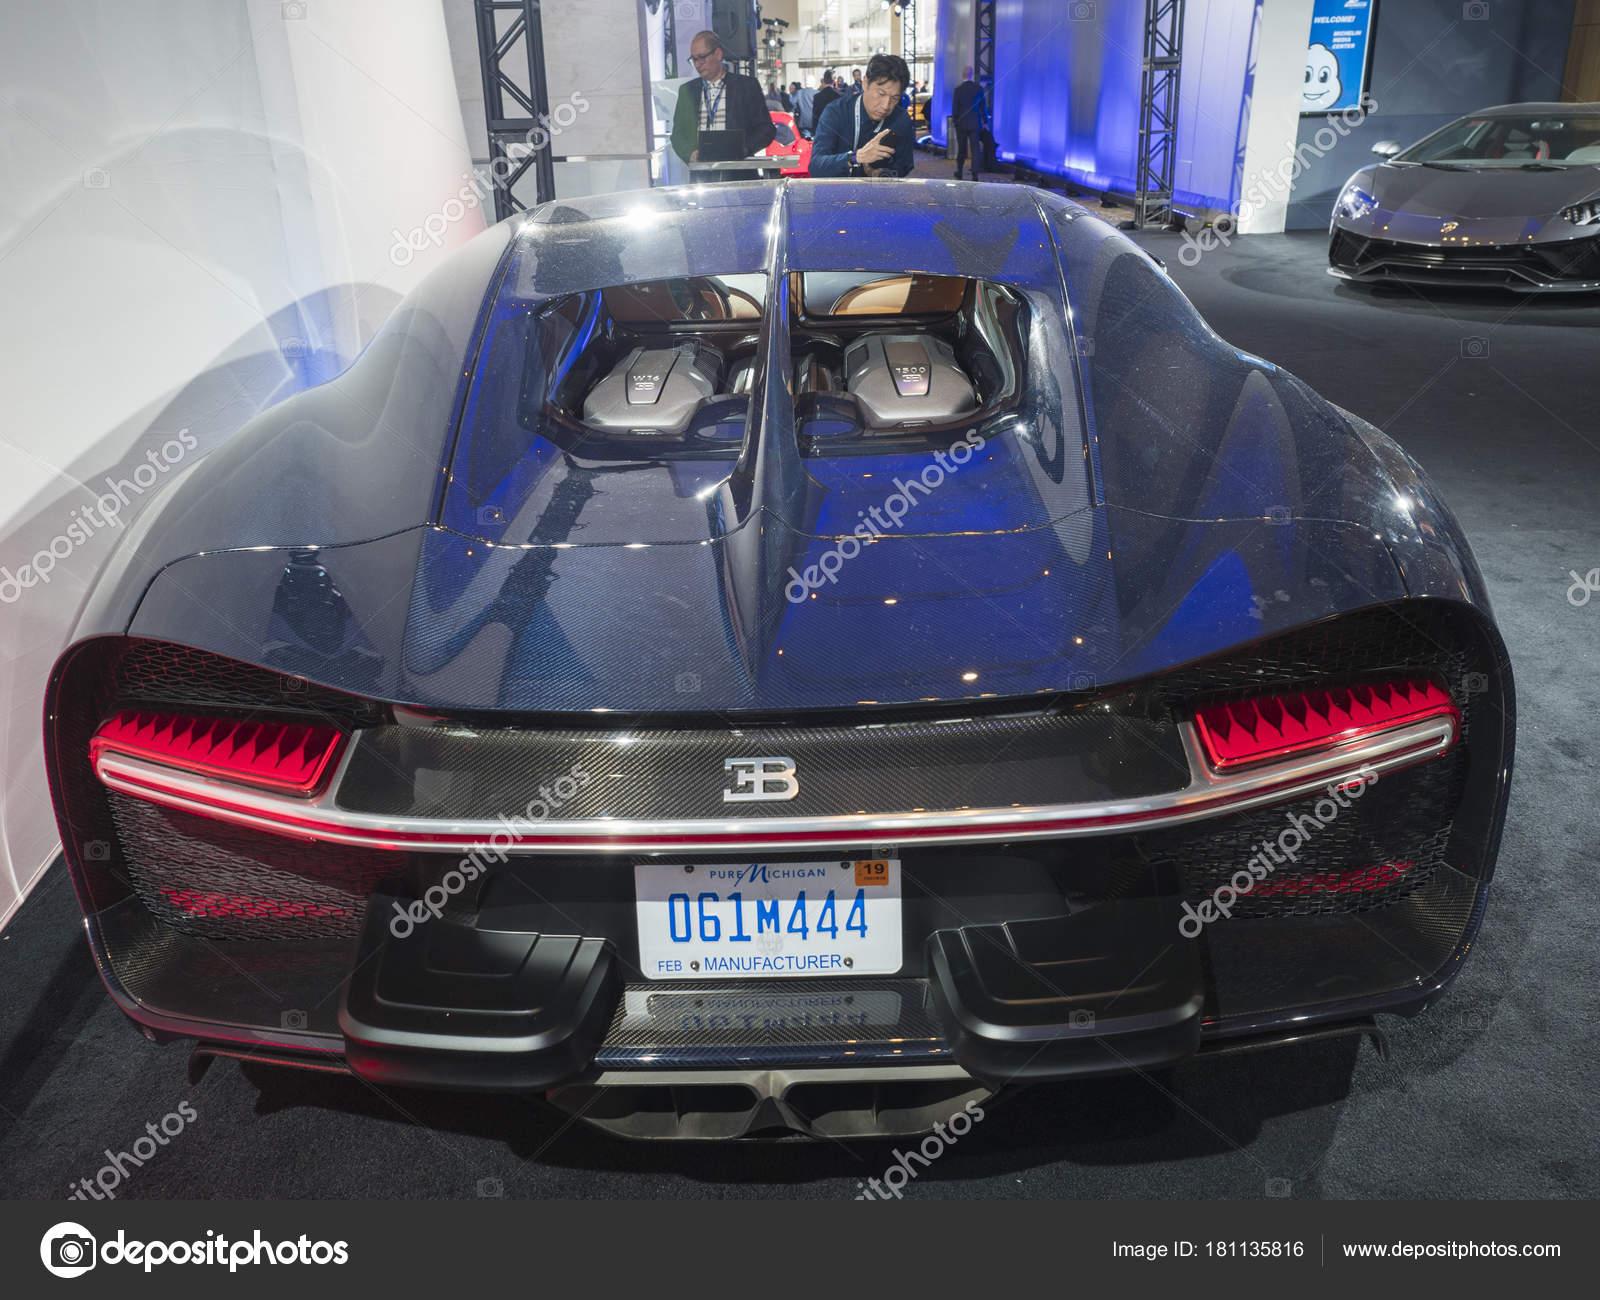 Imagenes Autos Bugatti Detroit Nos Enero 2018 Bugatti Chiron